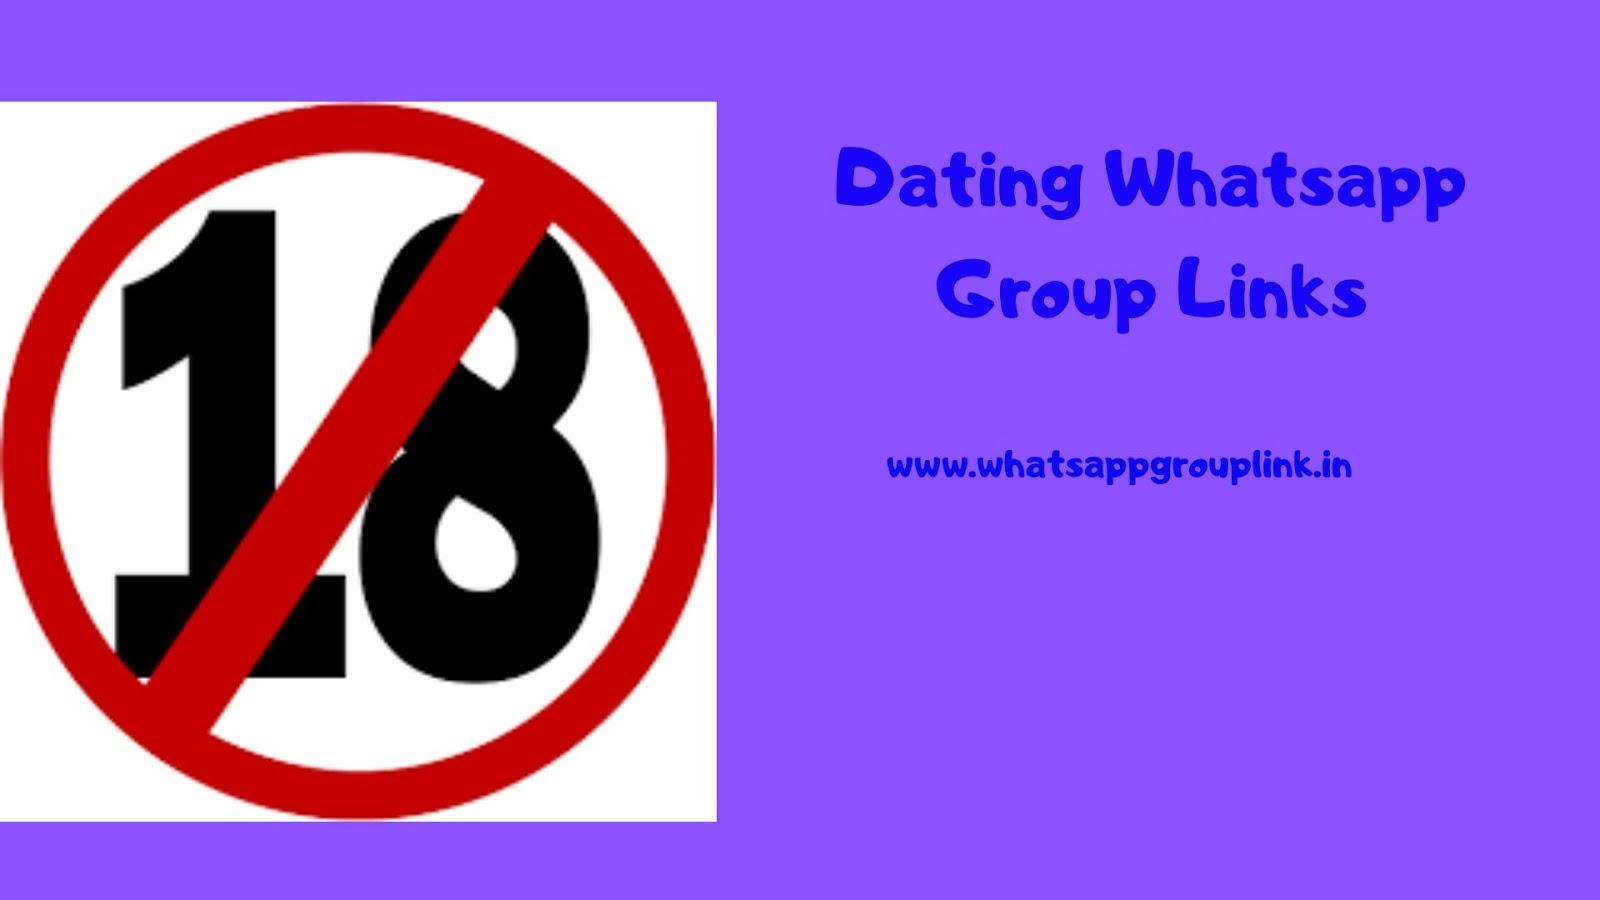 whatsapp dating group)